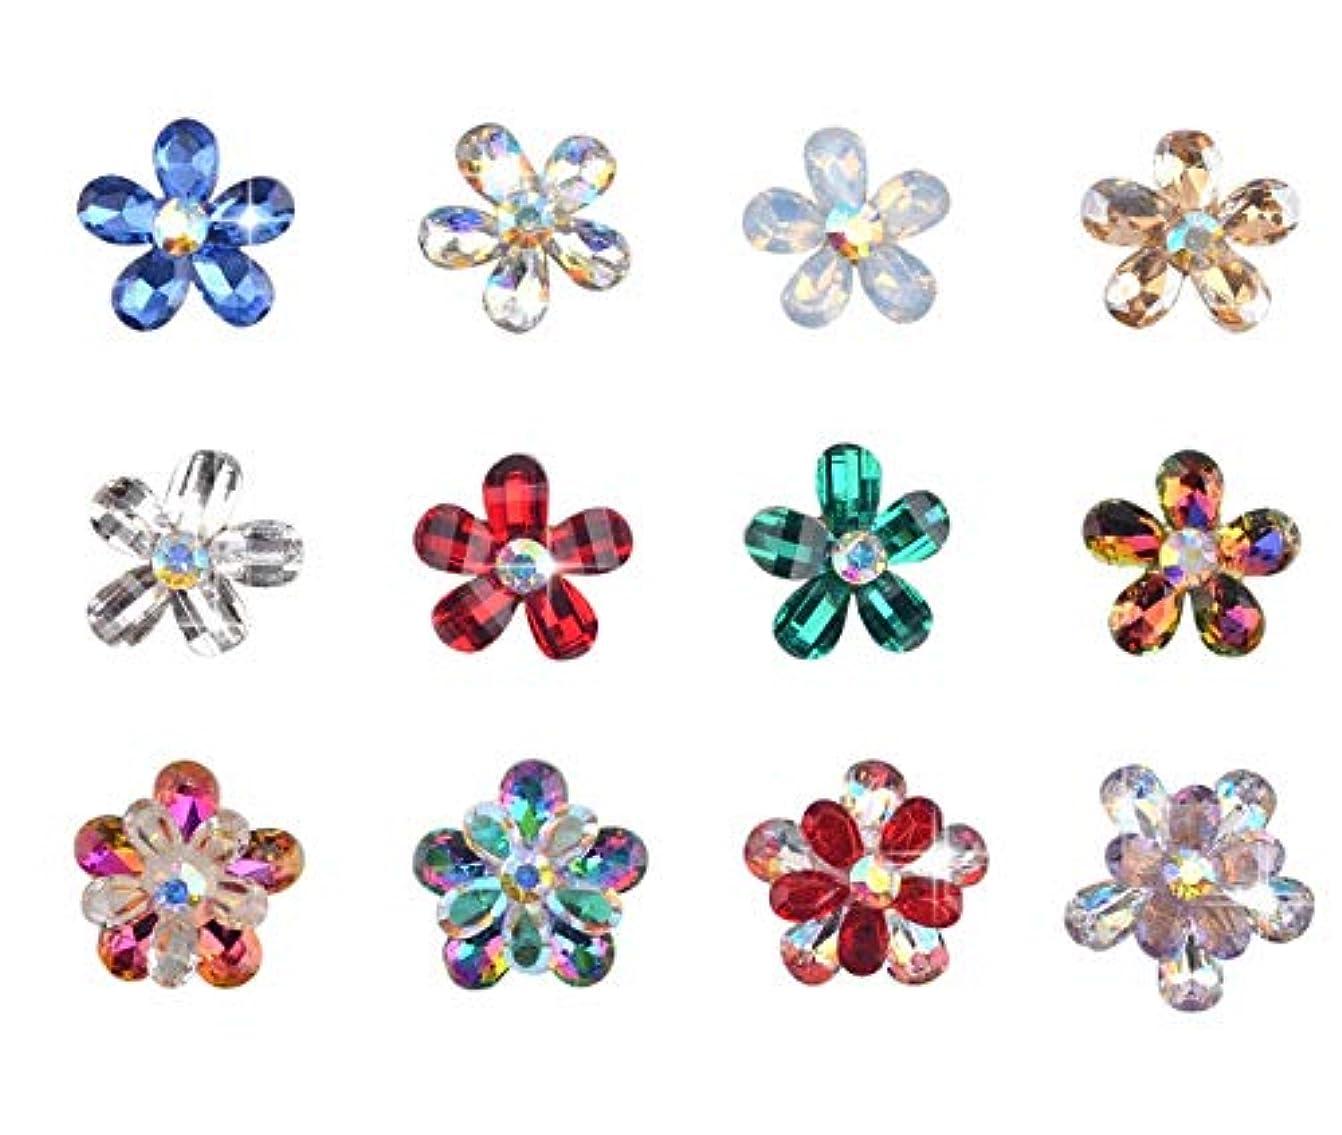 地図栄養引き渡すTianmey クリスタル花びらネイルアートラインストーンの装飾メタル合金チャーム3Dジュエリー宝石マニキュアアクセサリー